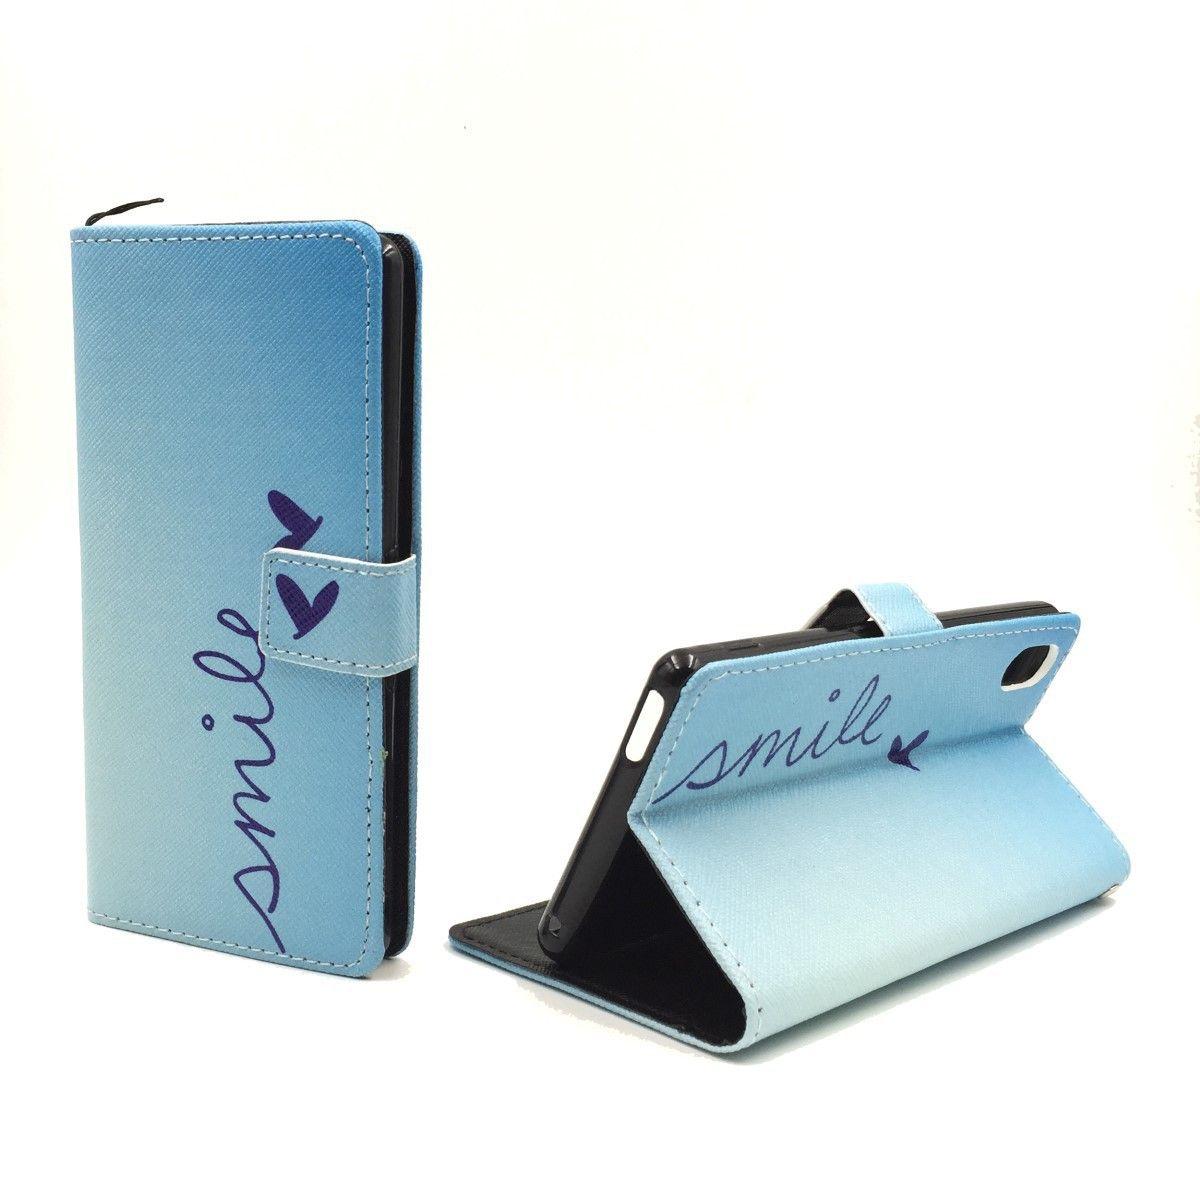 Handyhülle Tasche für Handy Sony Xperia M4 Aqua Schriftzug Smile Blau